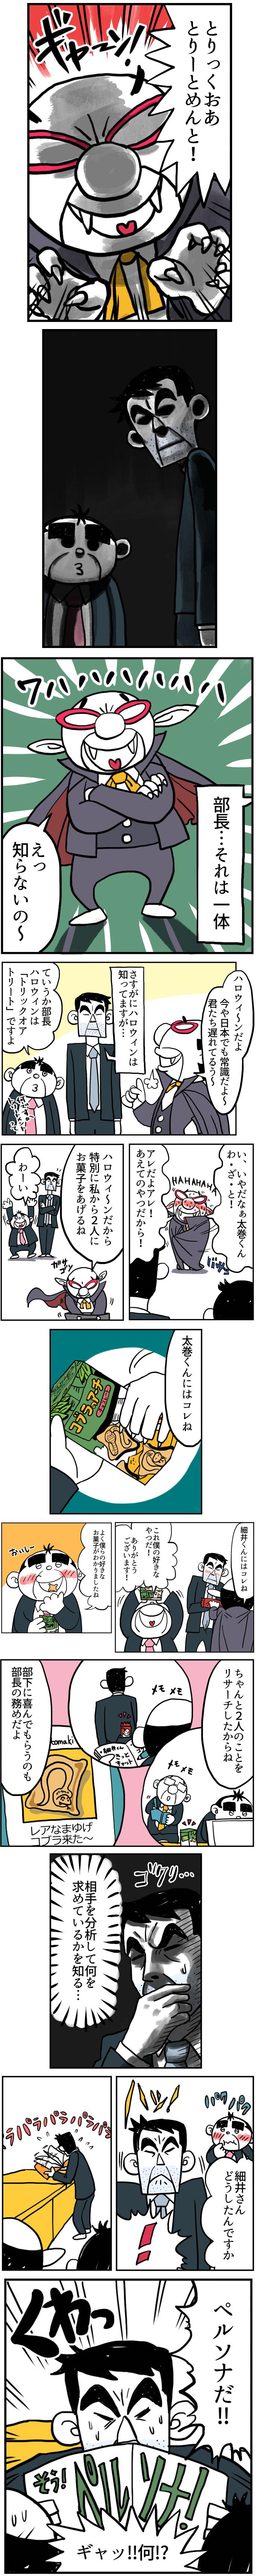 ペルソナ漫画